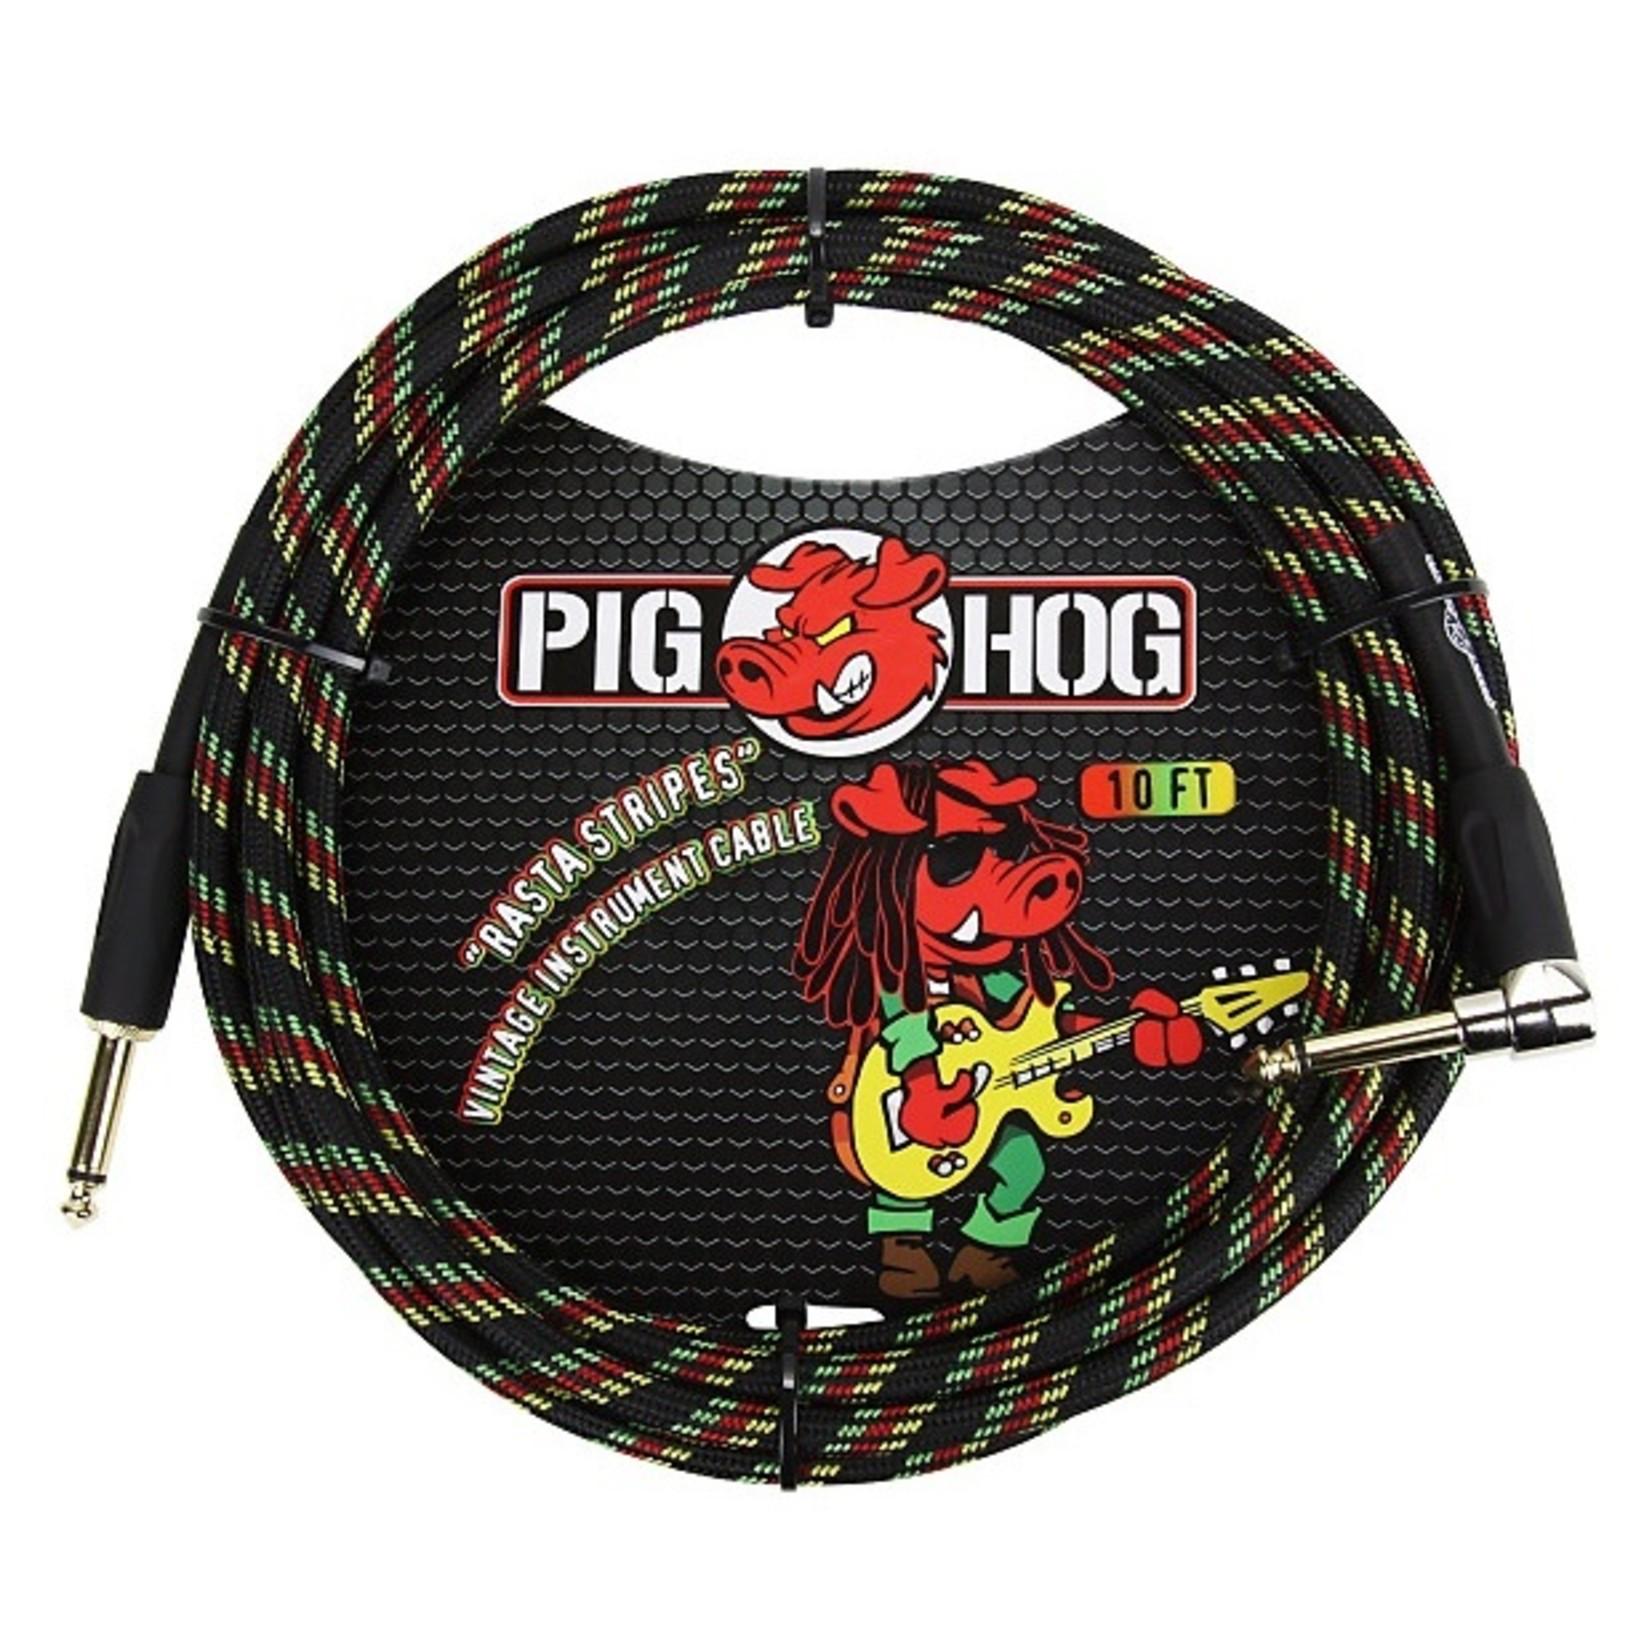 """Pig Hog Pig Hog """"Rasta Stripes"""" Woven Vintage Instrument Cable - 10 FT Right Angle (PCH10RAR), Reggae"""